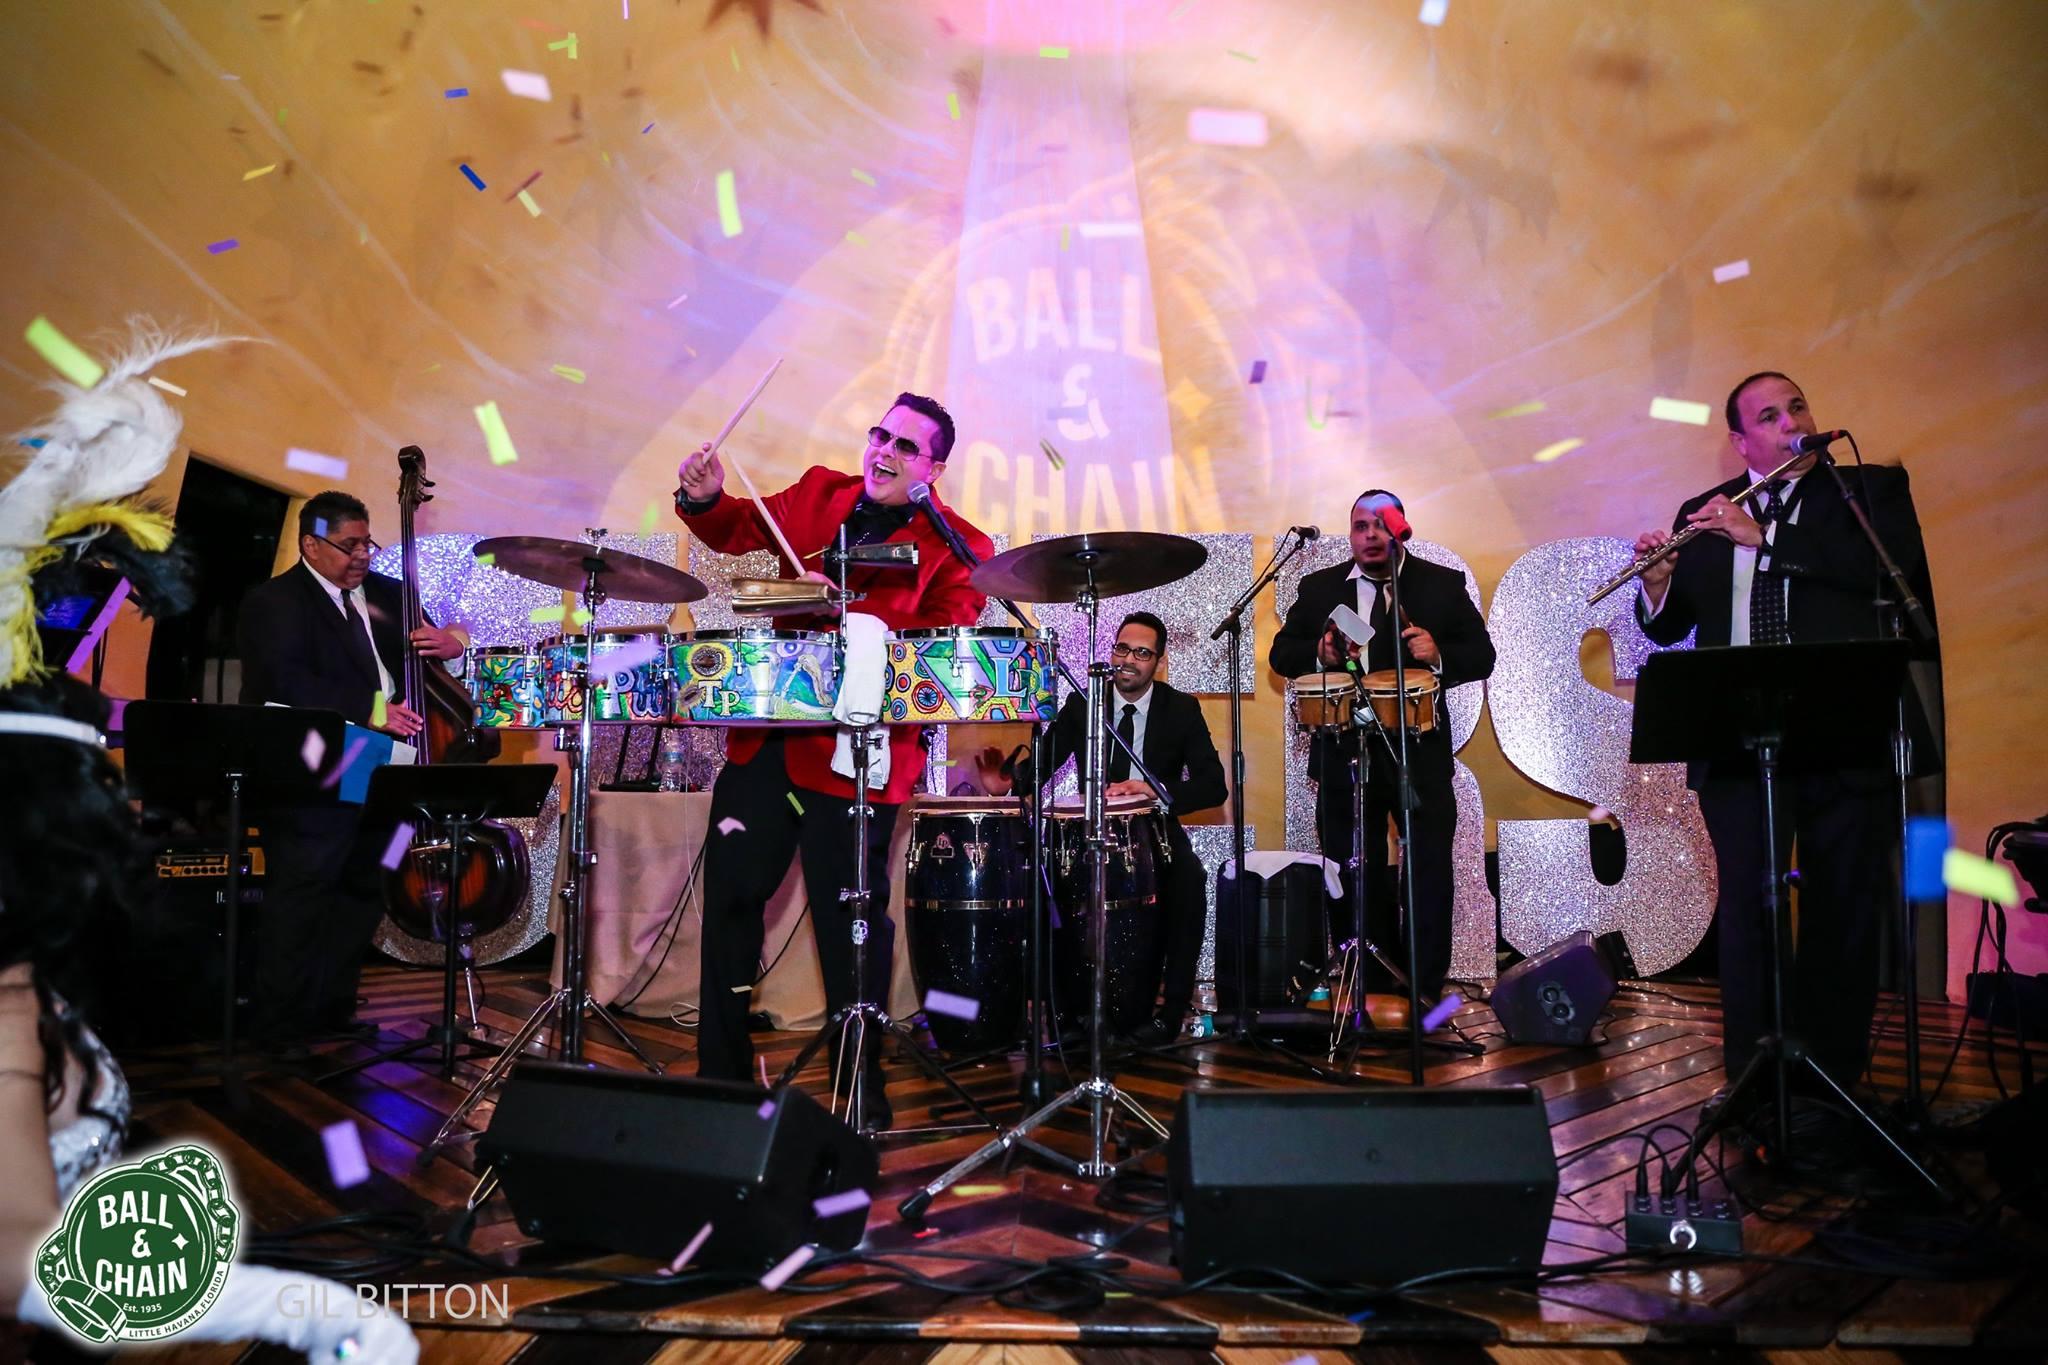 nouvel an ball and chain little havana salsa quartier cubain où fêter le nouvel an à miami que faire pour le nouvel an à miami où fêter le 31 décembre à miami où fêter la saint sylvestre à miami blog miami off road